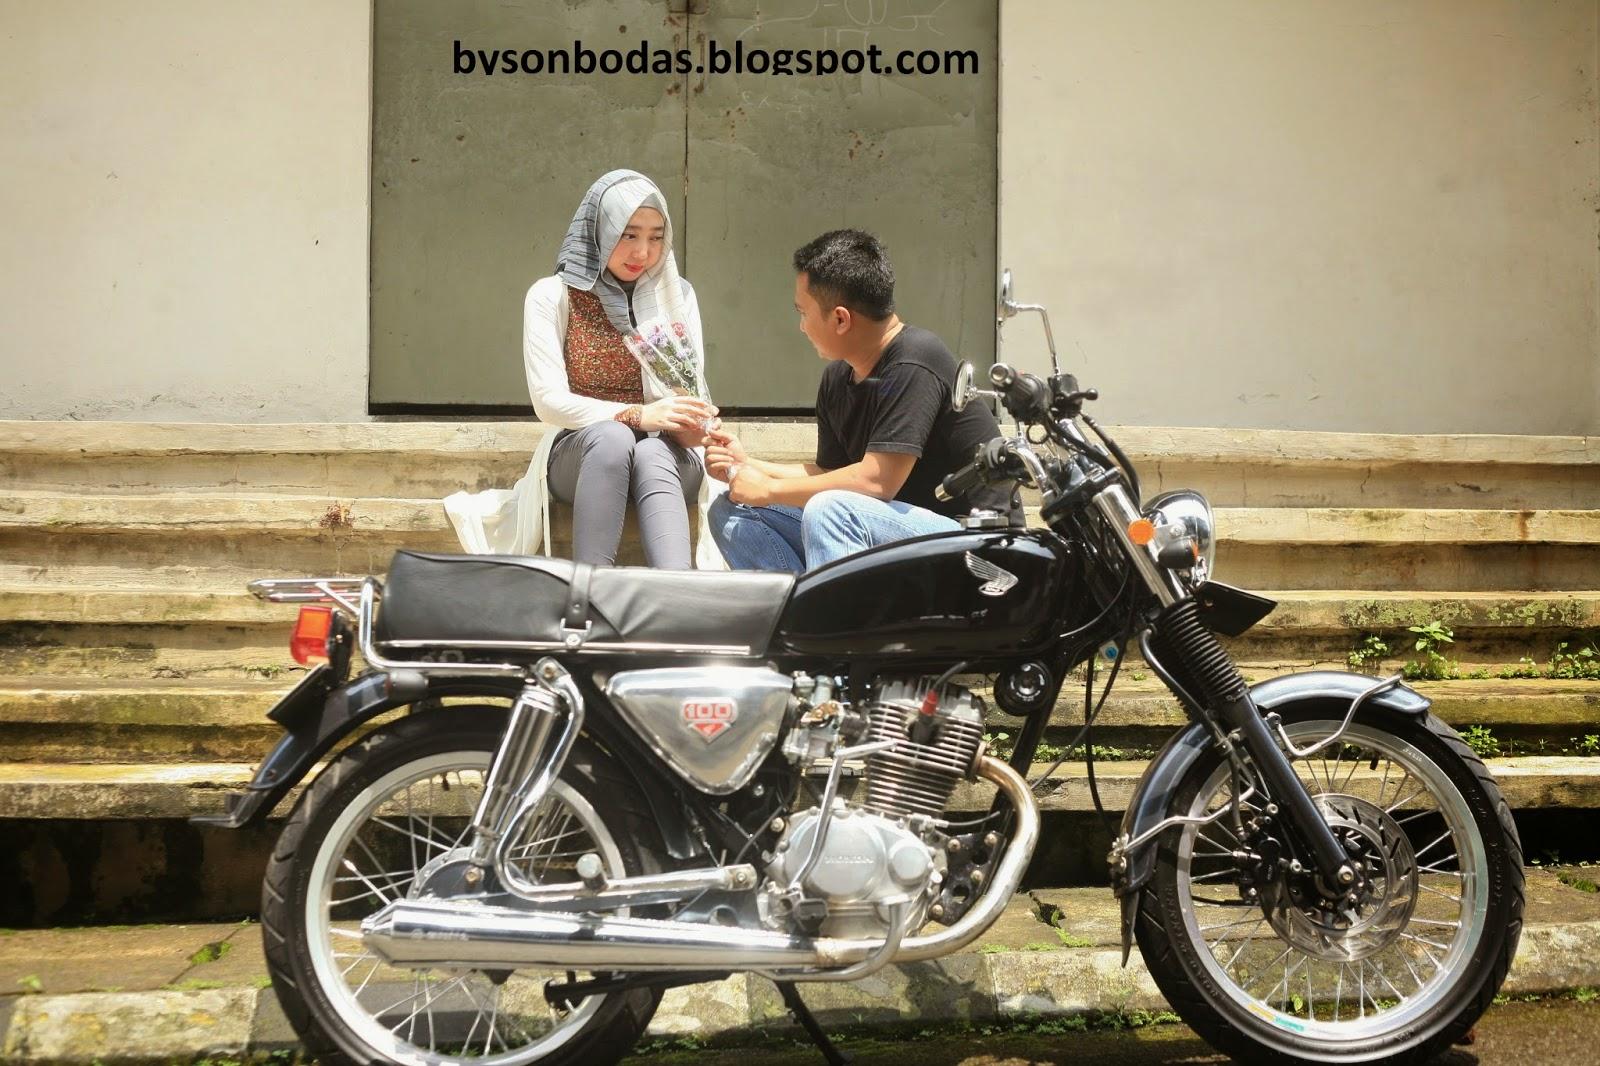 Foto Prewedding Motor Cb Prewedmoto